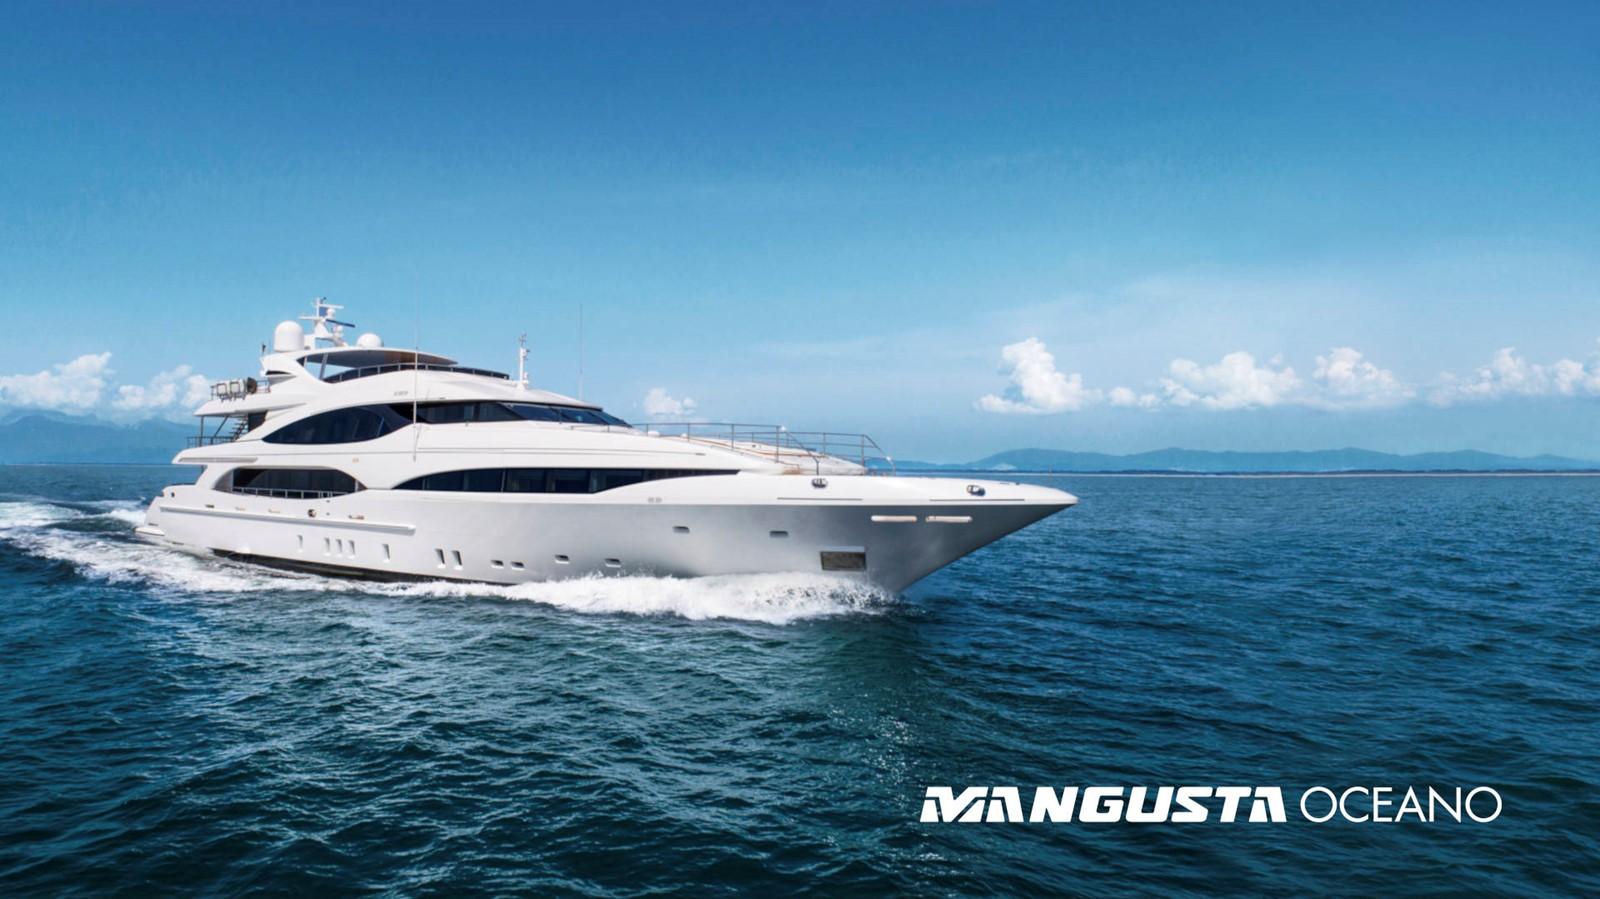 2021 OVERMARINE GROUP Mangusta Oceano 46  2570605